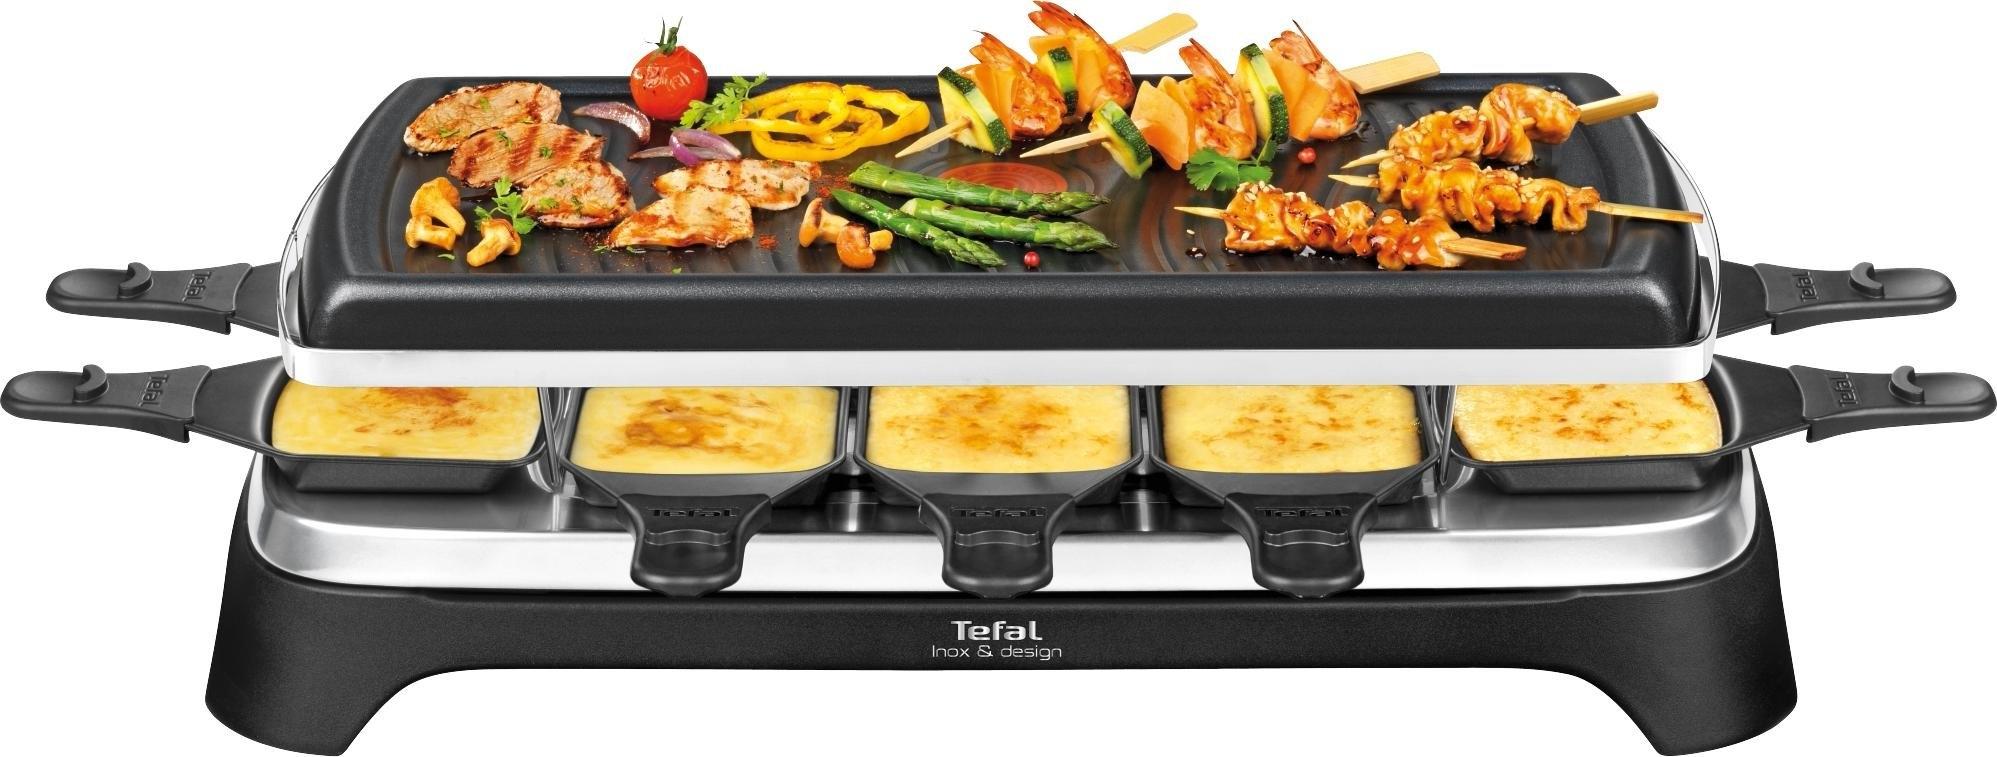 Tefal raclettegrill RE4588 voor 10 personen nu online bestellen